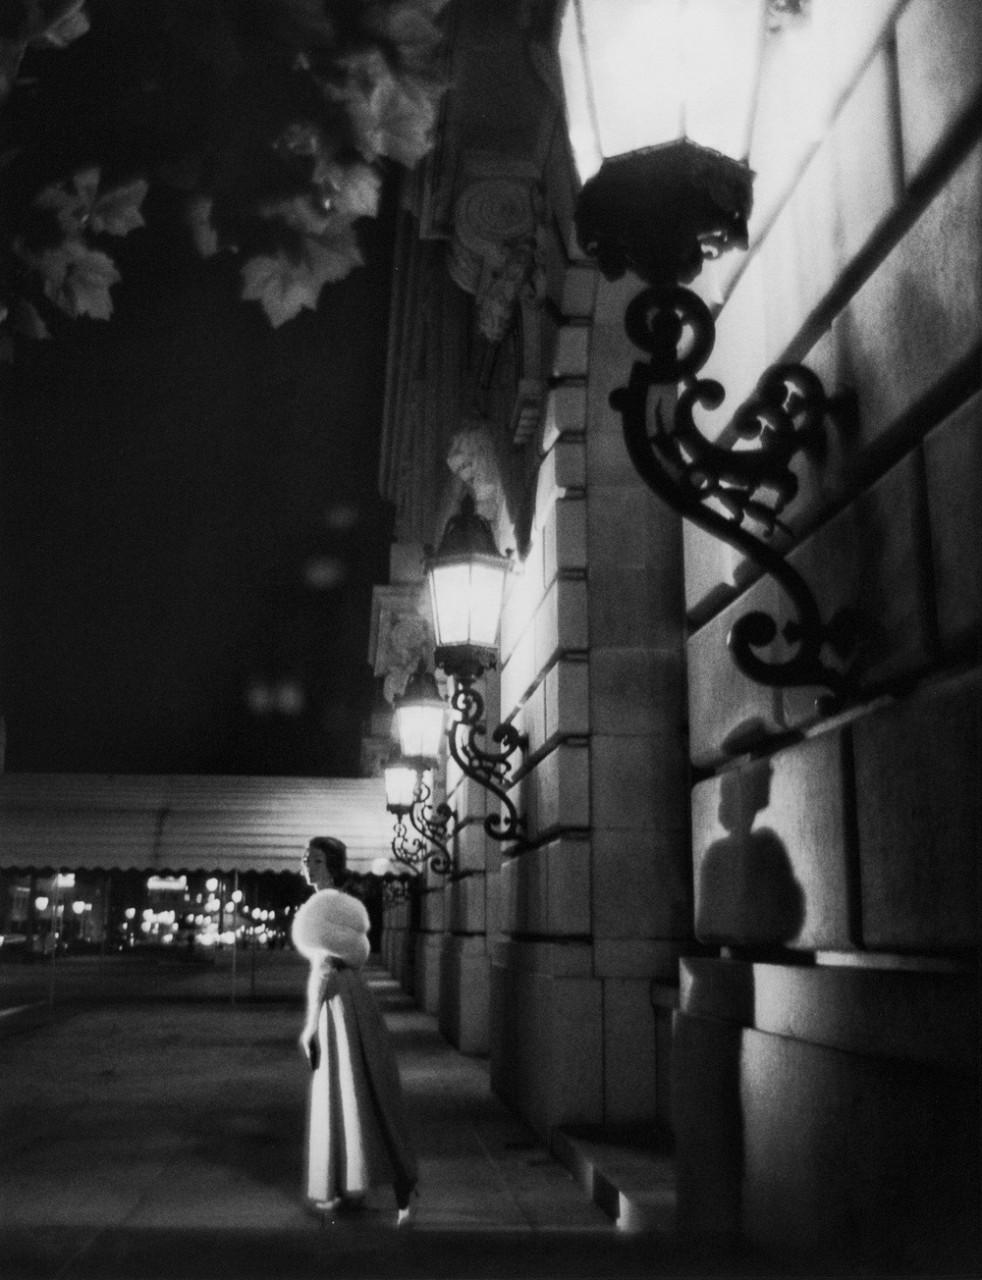 San-Frantsisko-ulichnye-fotografii-1940-50-godov-Freda-Liona 17